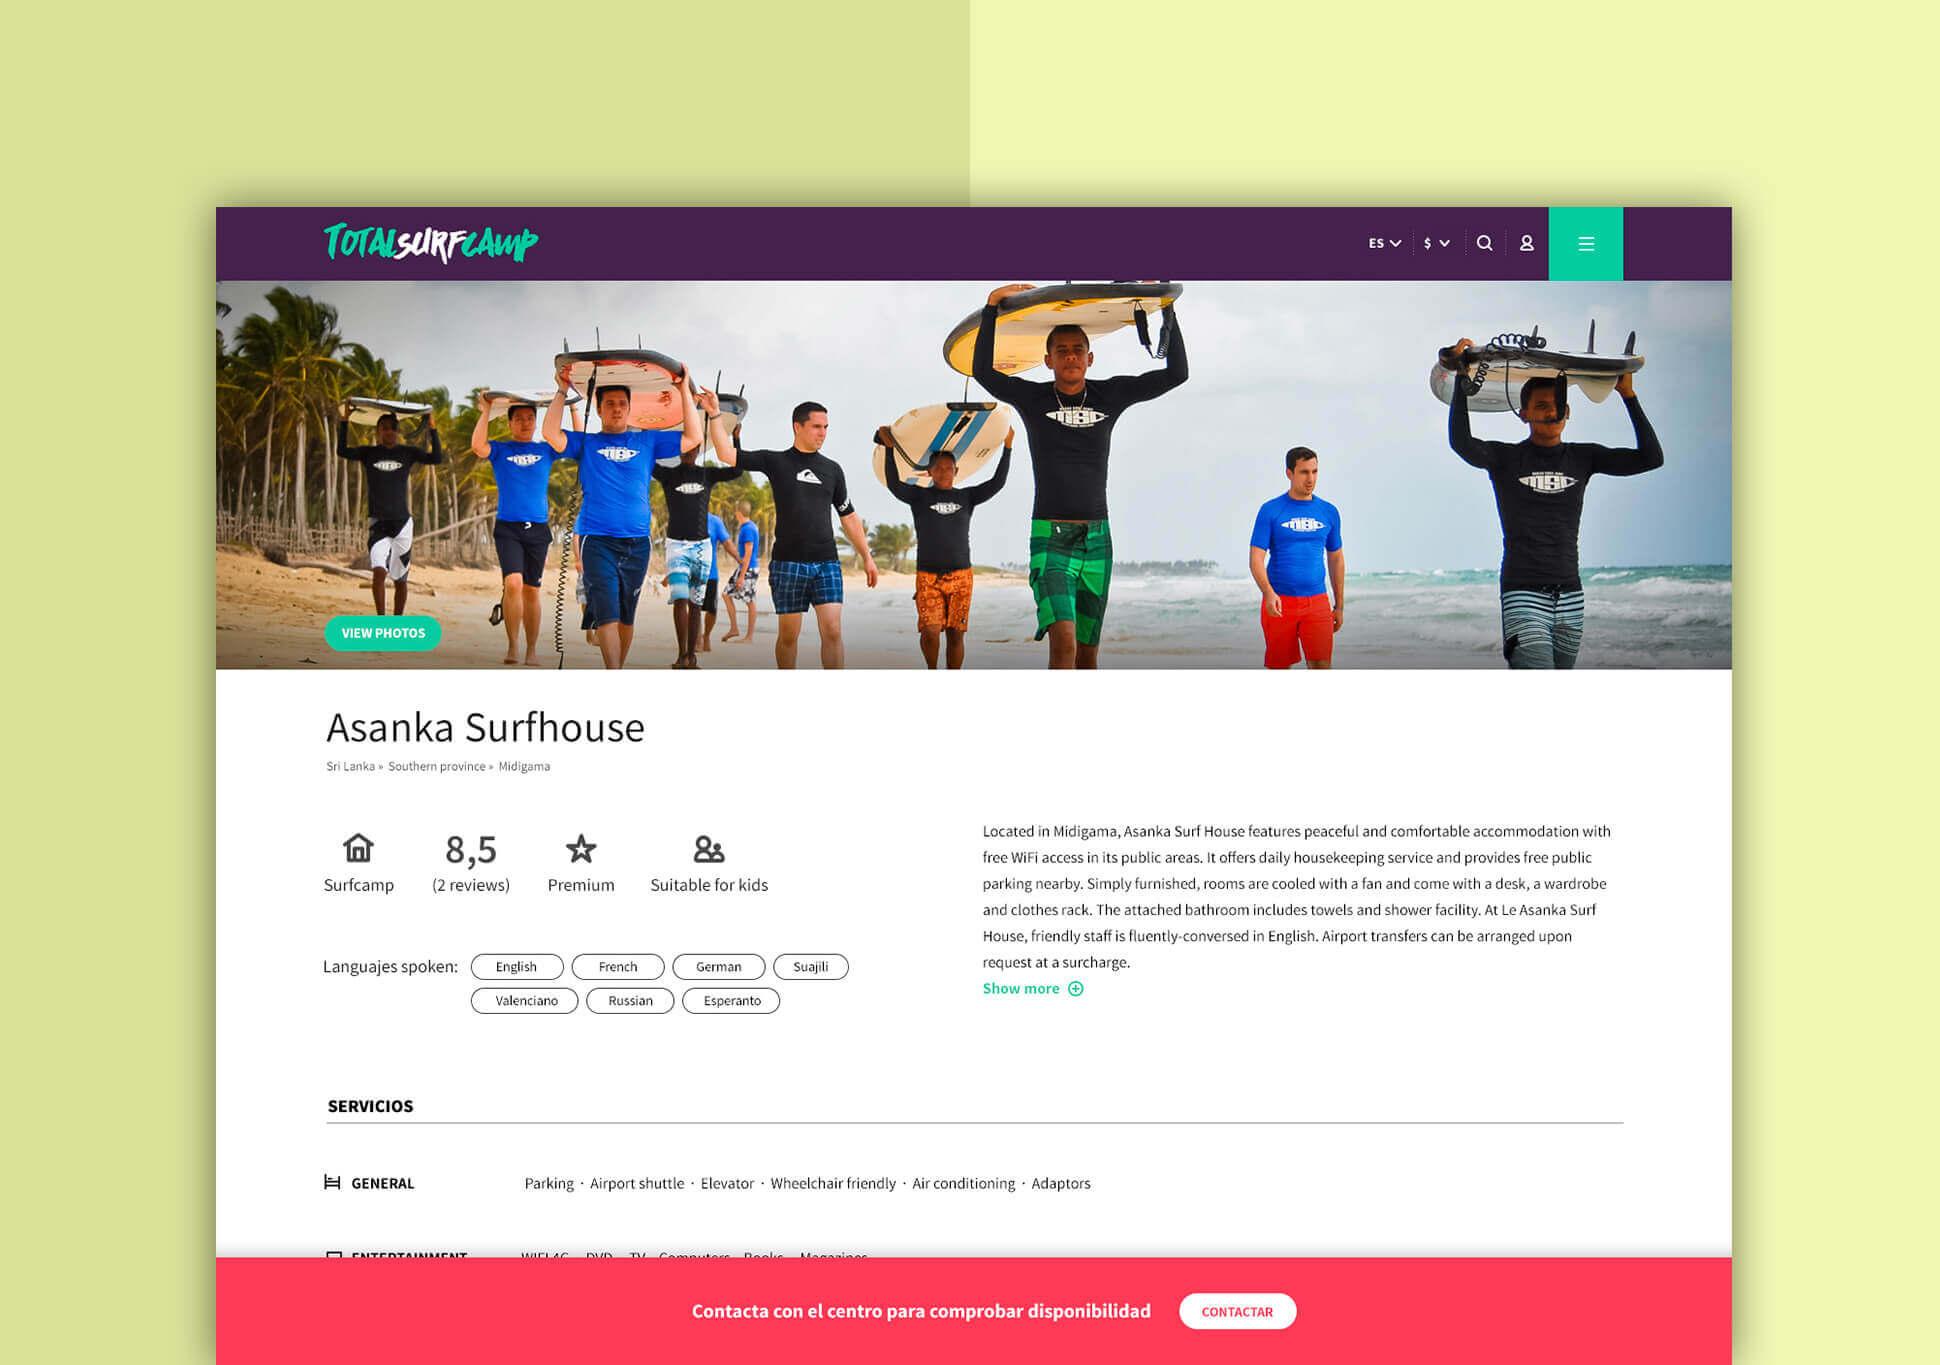 Funcionamiento de los perfiles de surfcamps en la web de Totalsurfcamp